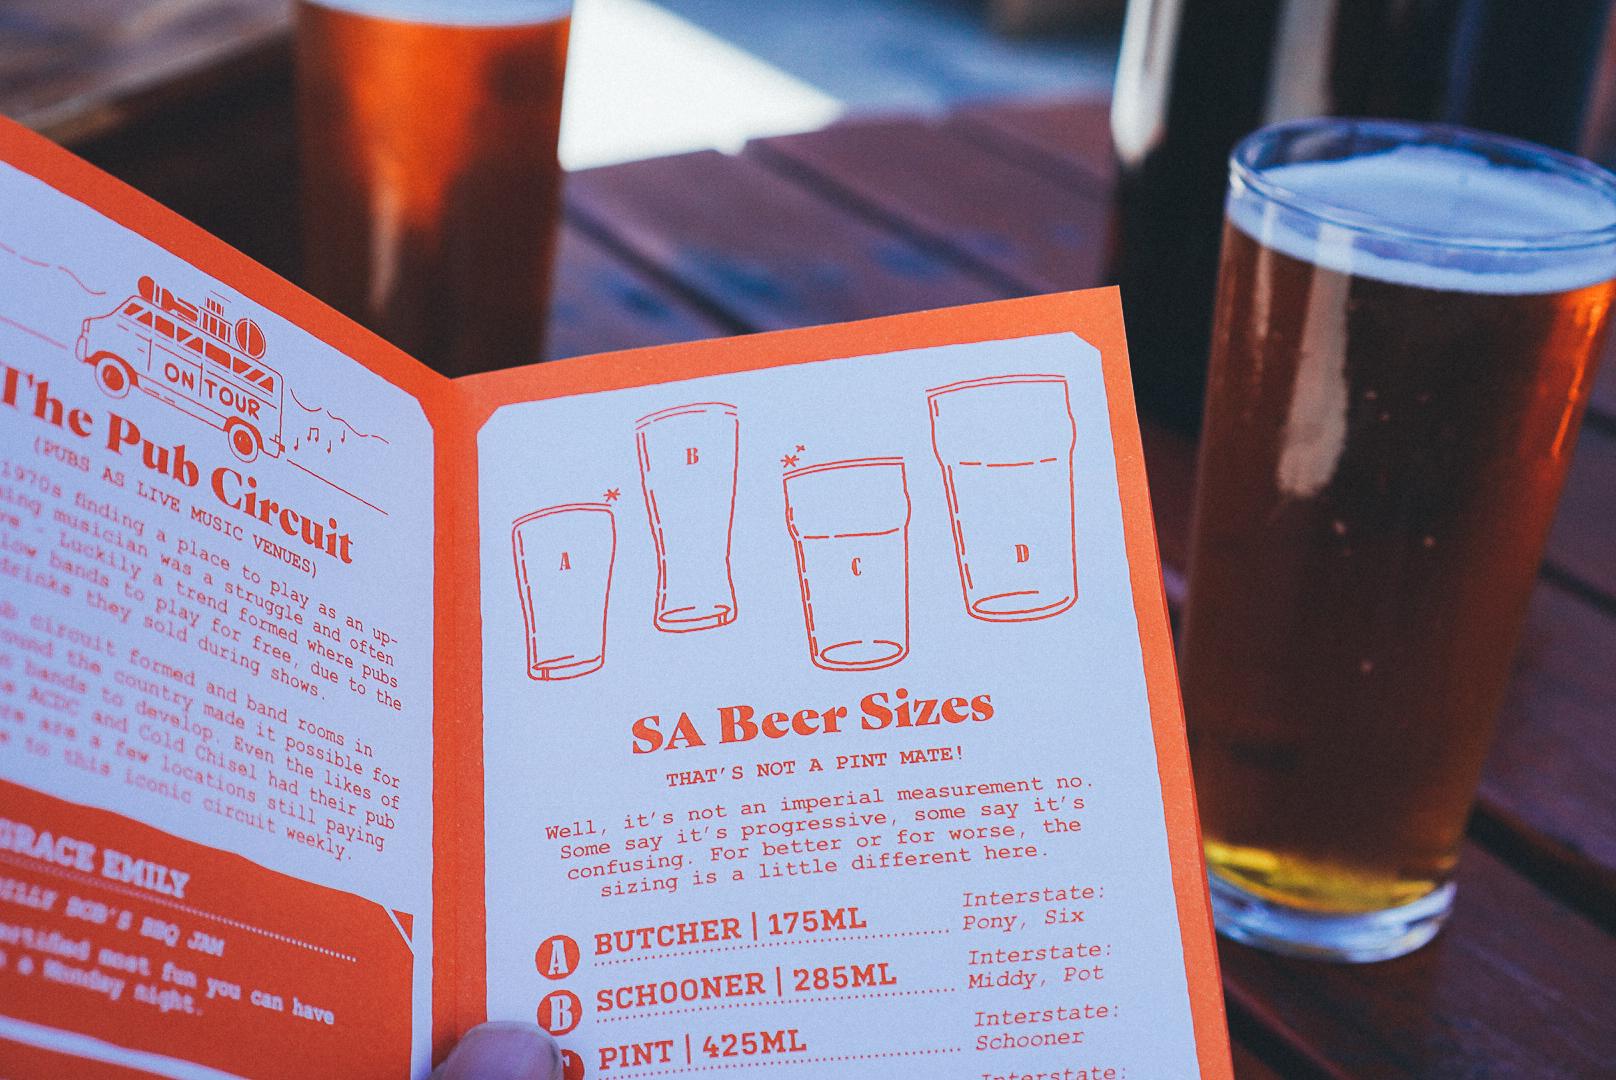 Sam_Trezise_Pub_guide.jpg